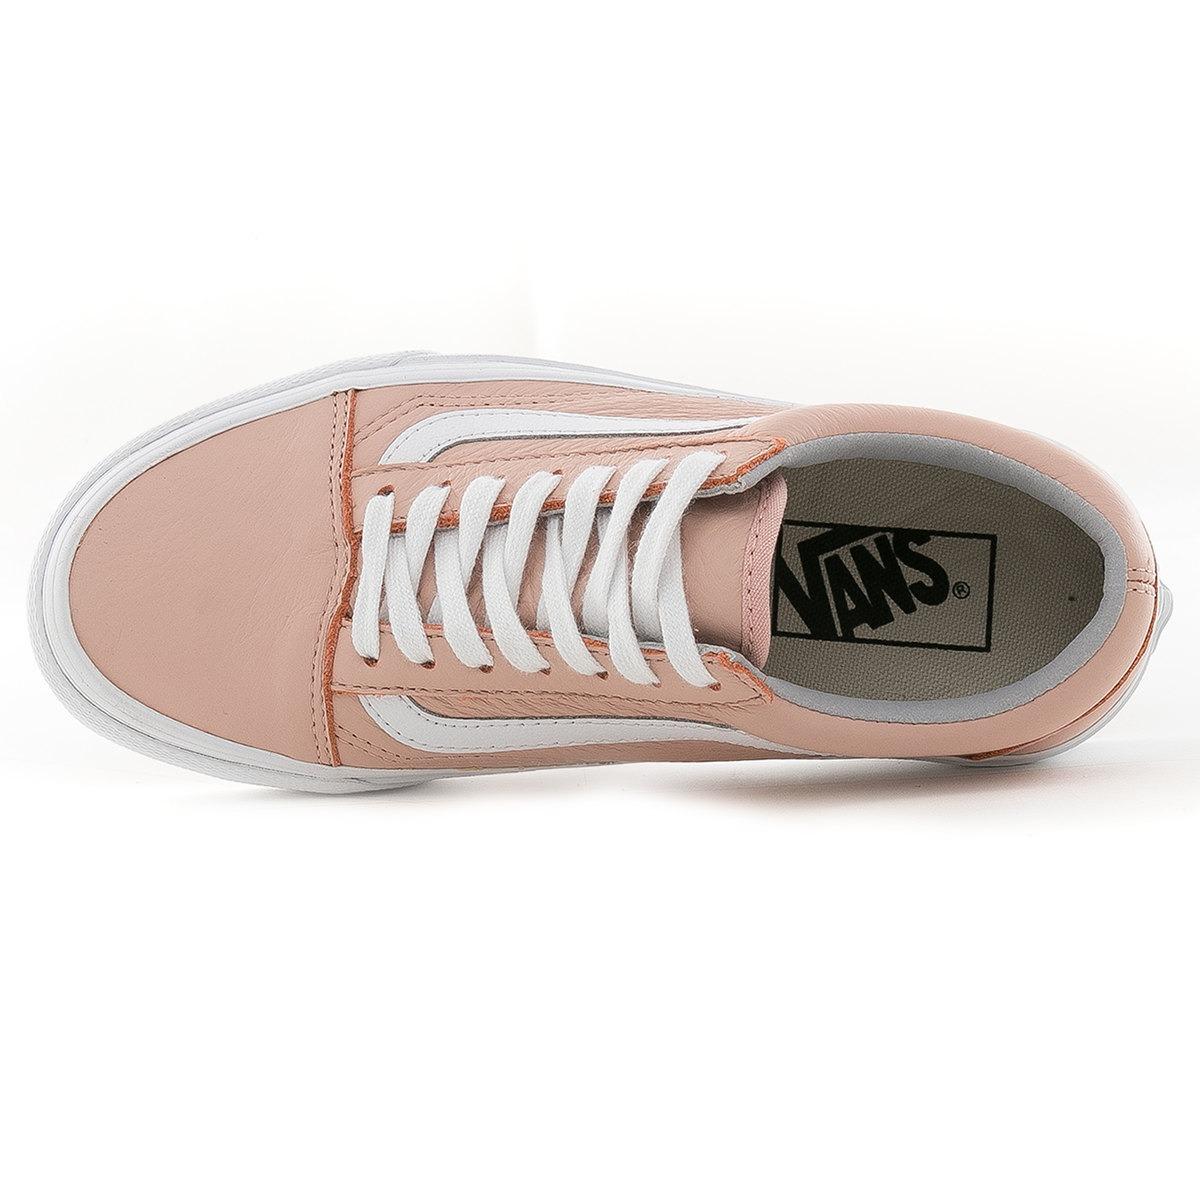 a467d231a zapatillas old skool leather vans blast tienda oficial. Cargando zoom.